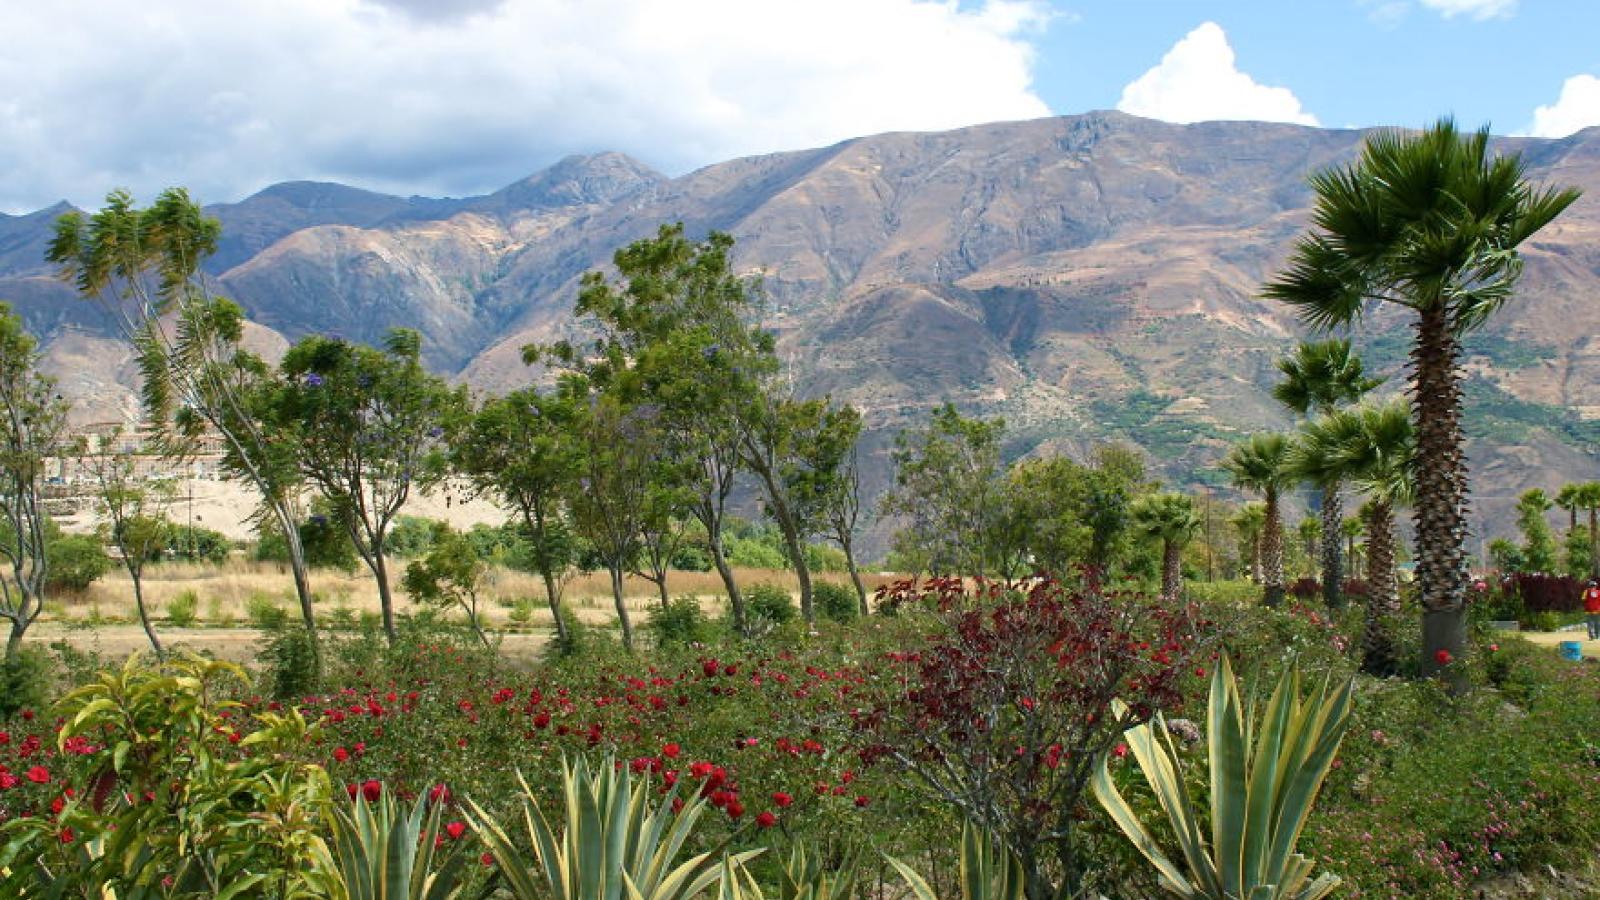 Vẻ đẹp kỳ bí và buồn thảm của Yungay - thị trấn bị chôn vùi ở Peru